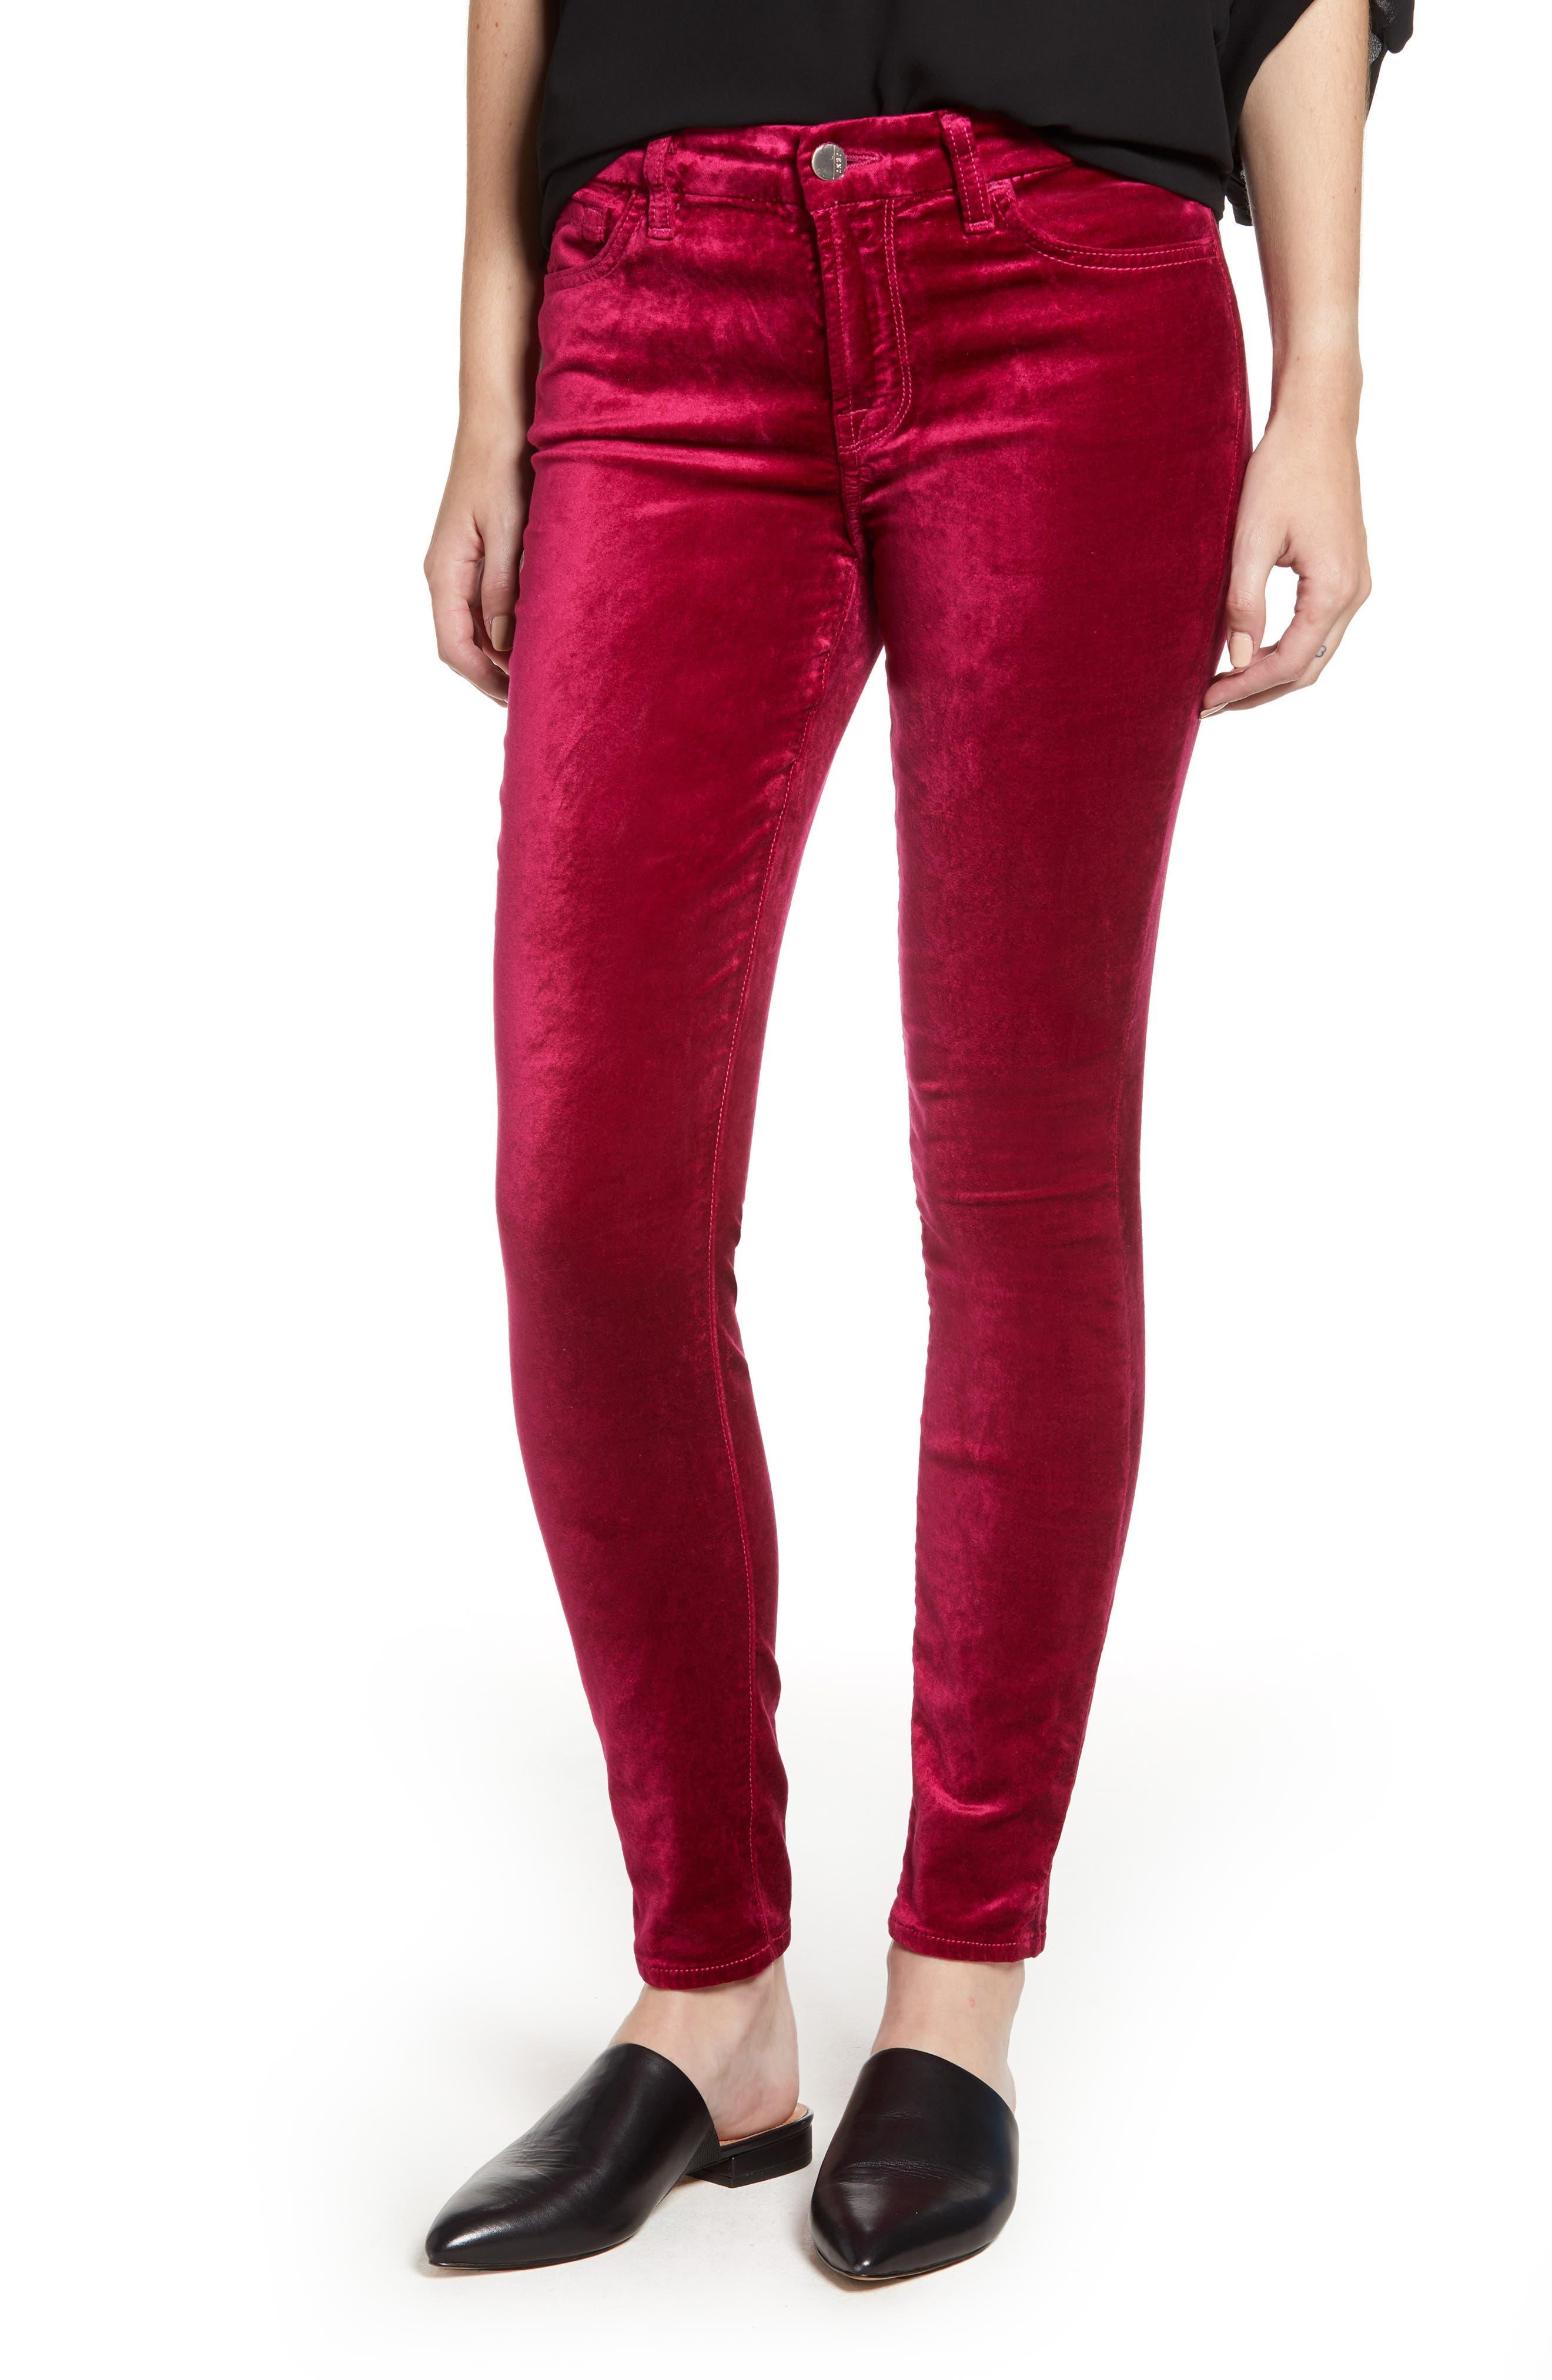 JEN7 BY 7 FOR ALL MANKIND Velvet Ankle Skinny High Waist Pants in Fuchsia